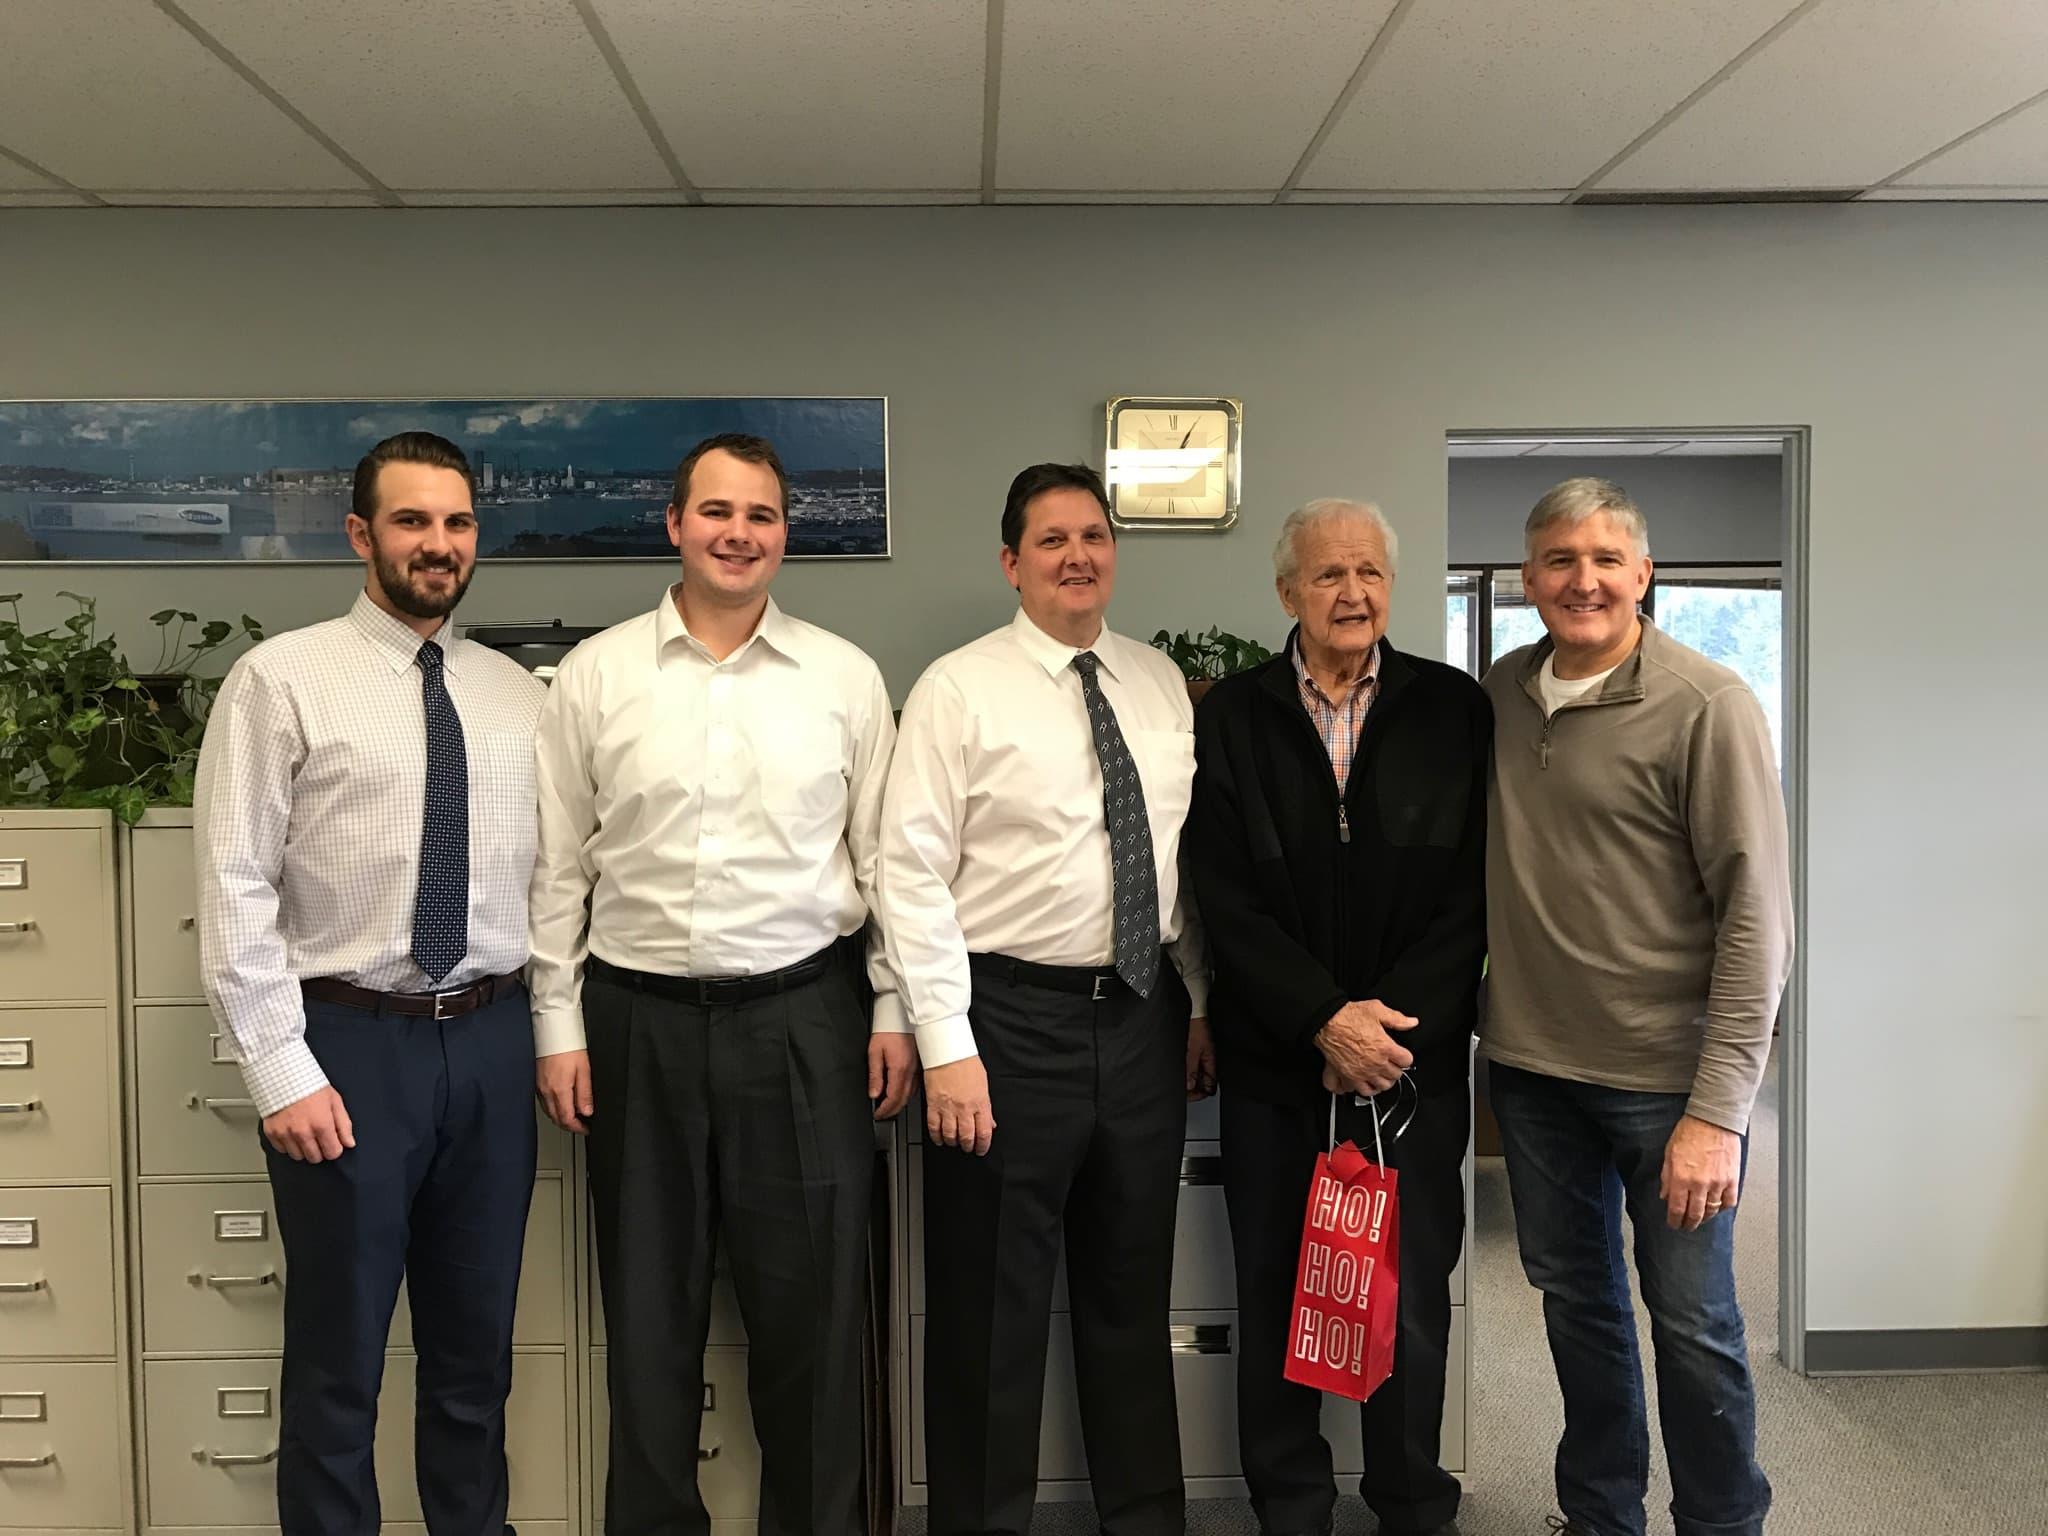 The Haehl Sales Men - Russ Haehl Sr., Russ Haehl Jr., David Haehl, Nolan Haehl, Seth Haehl